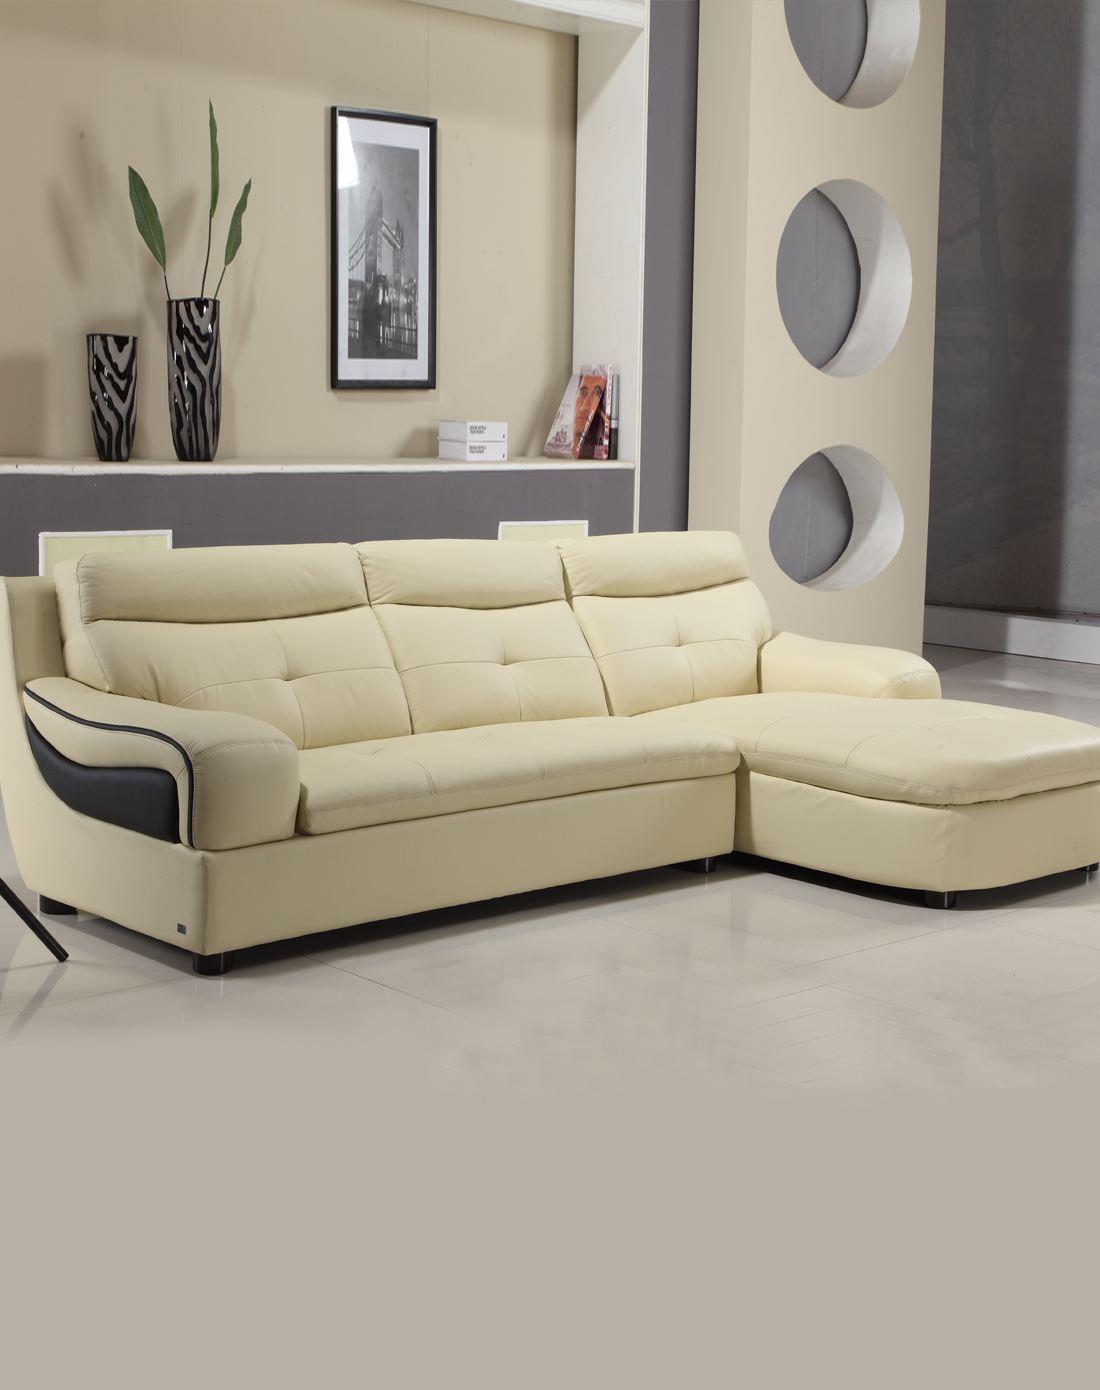 转角沙发怎么摆放--维意定制家具网上商城